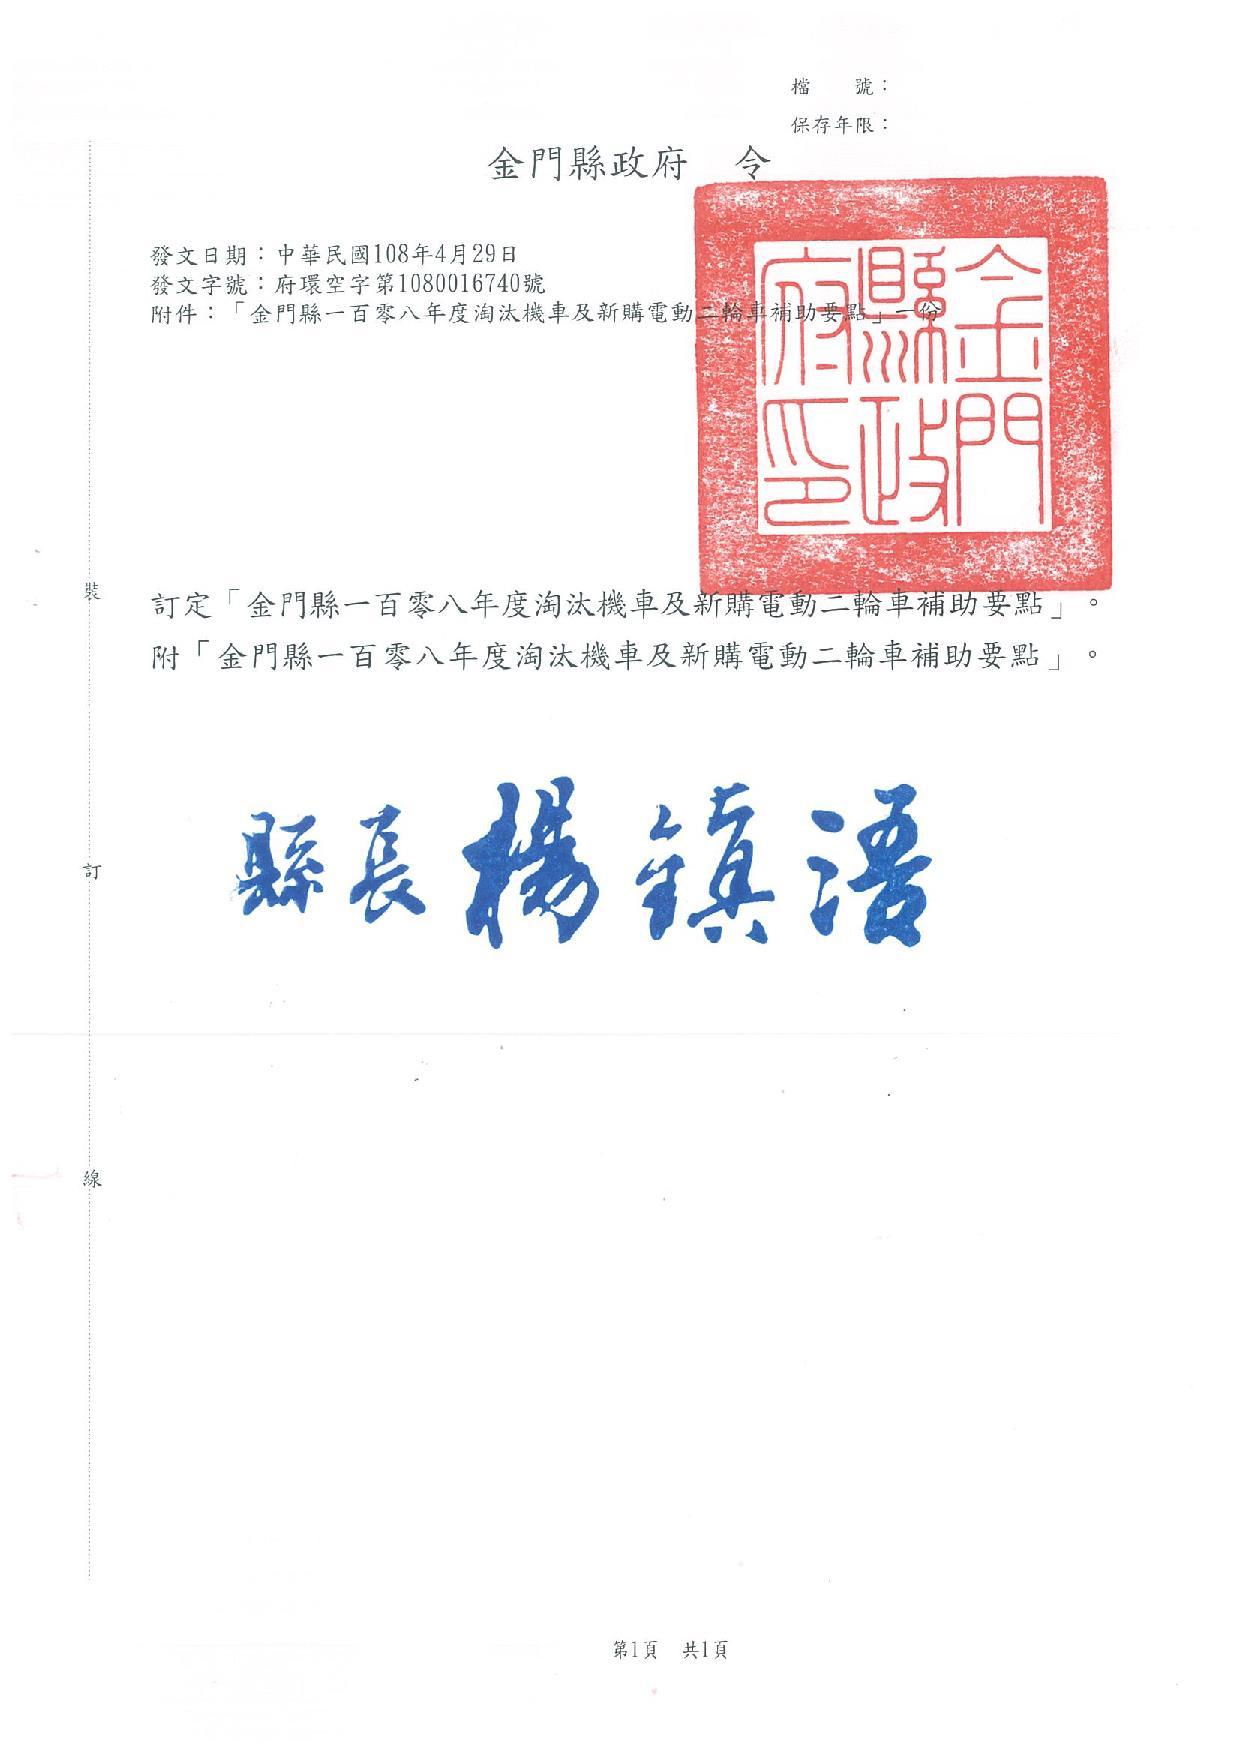 1080429-「金門縣一百零八年度淘汰機車及新購電動二輪車補助要點」發布令